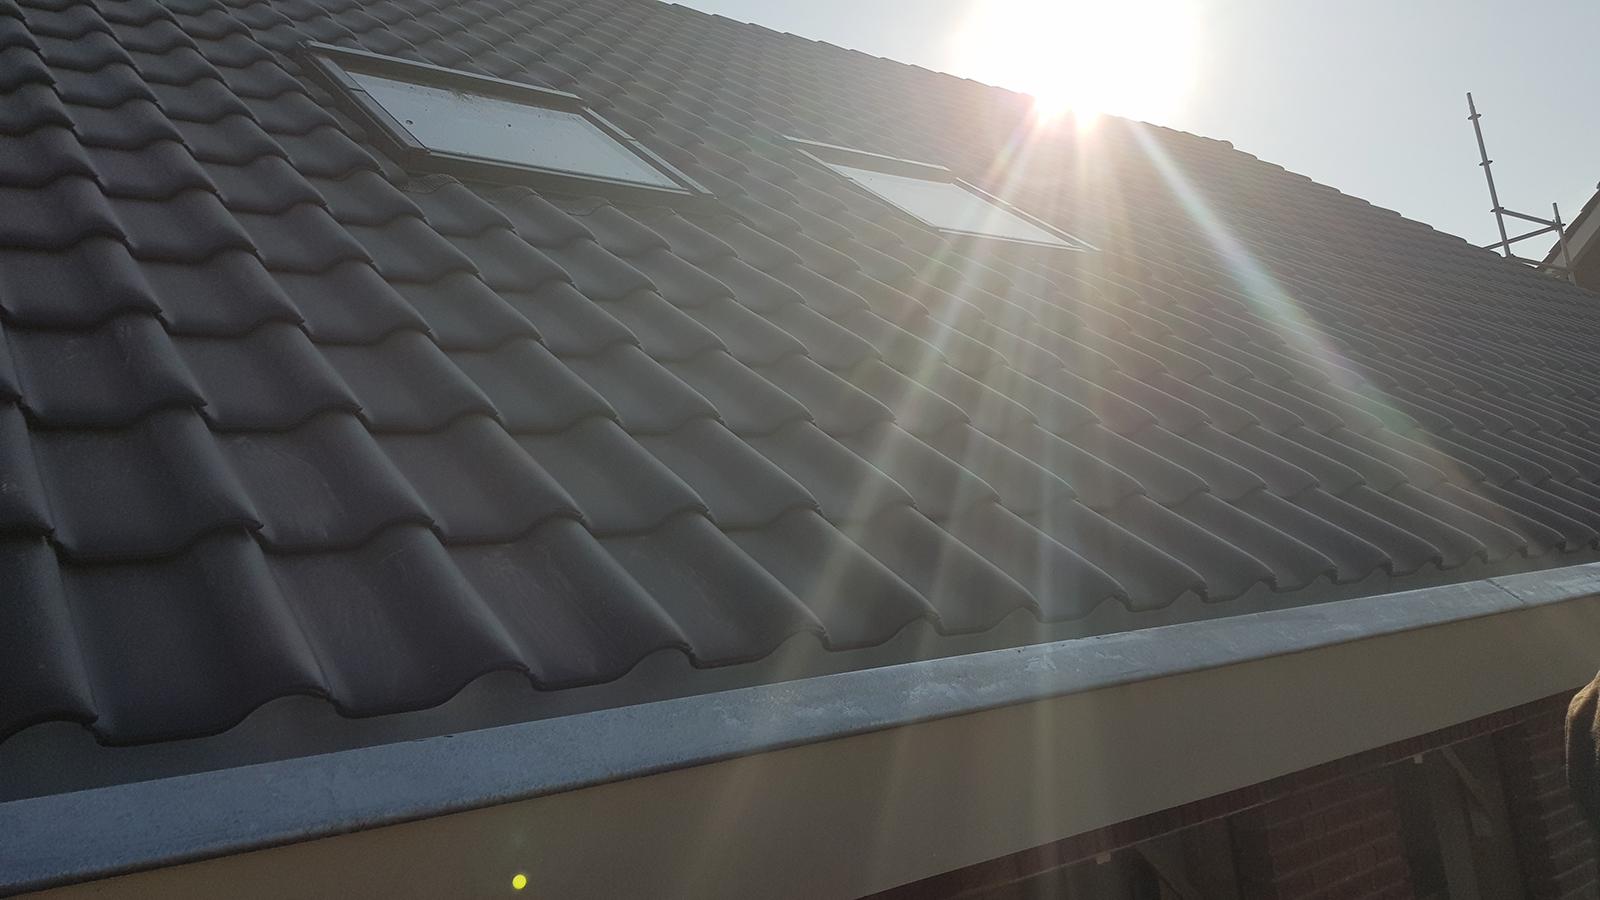 Wij bouwen een huis - dak erop